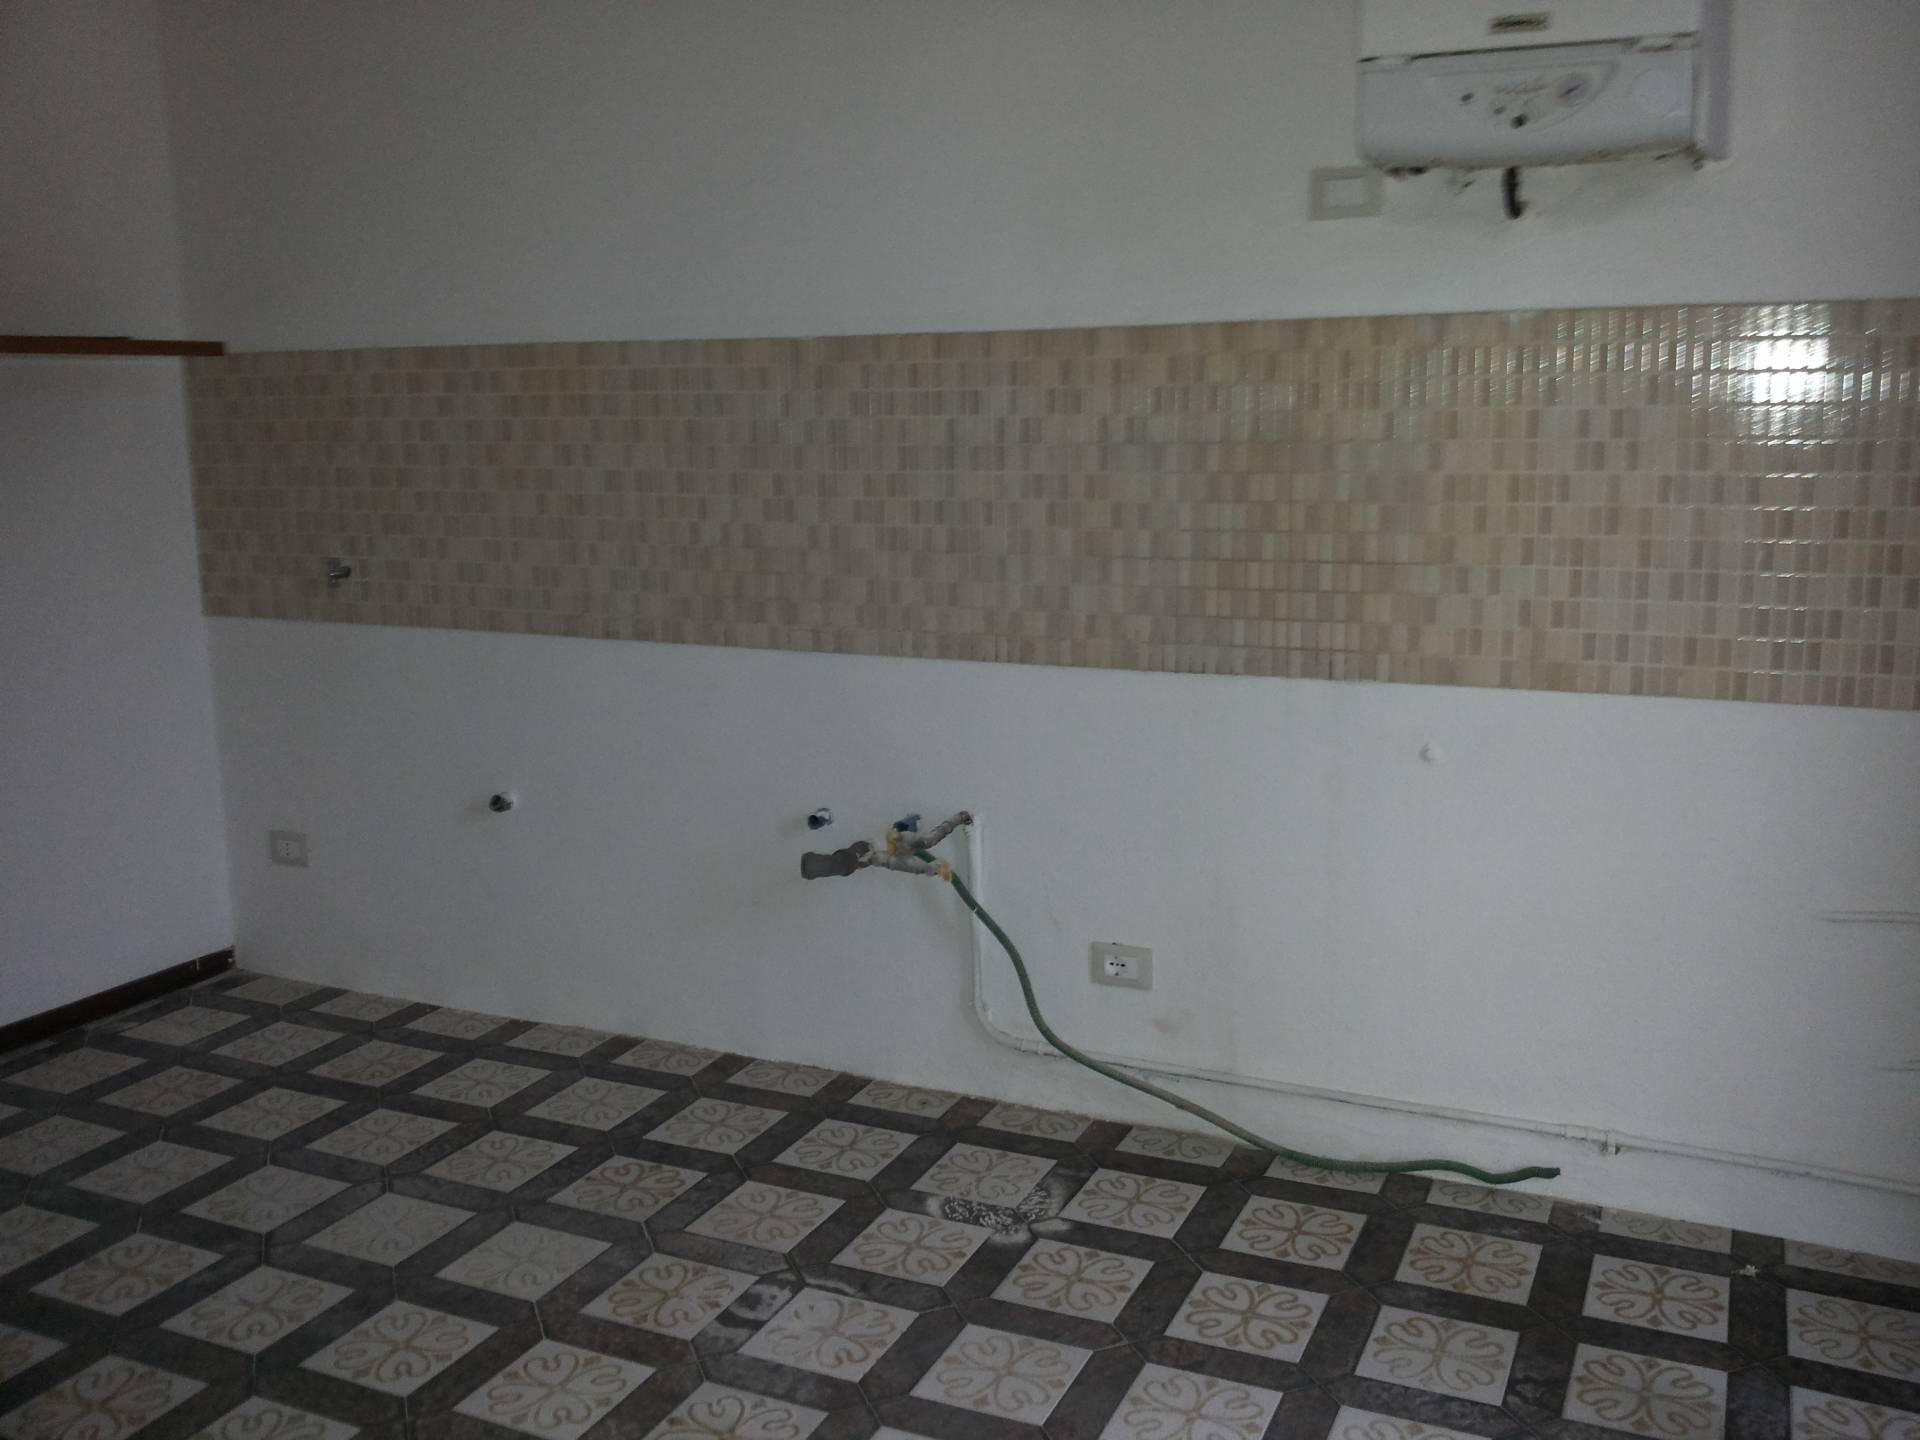 Appartamento in vendita a Ponsacco, 5 locali, zona Località: Ponsacco, prezzo € 160.000 | Cambio Casa.it